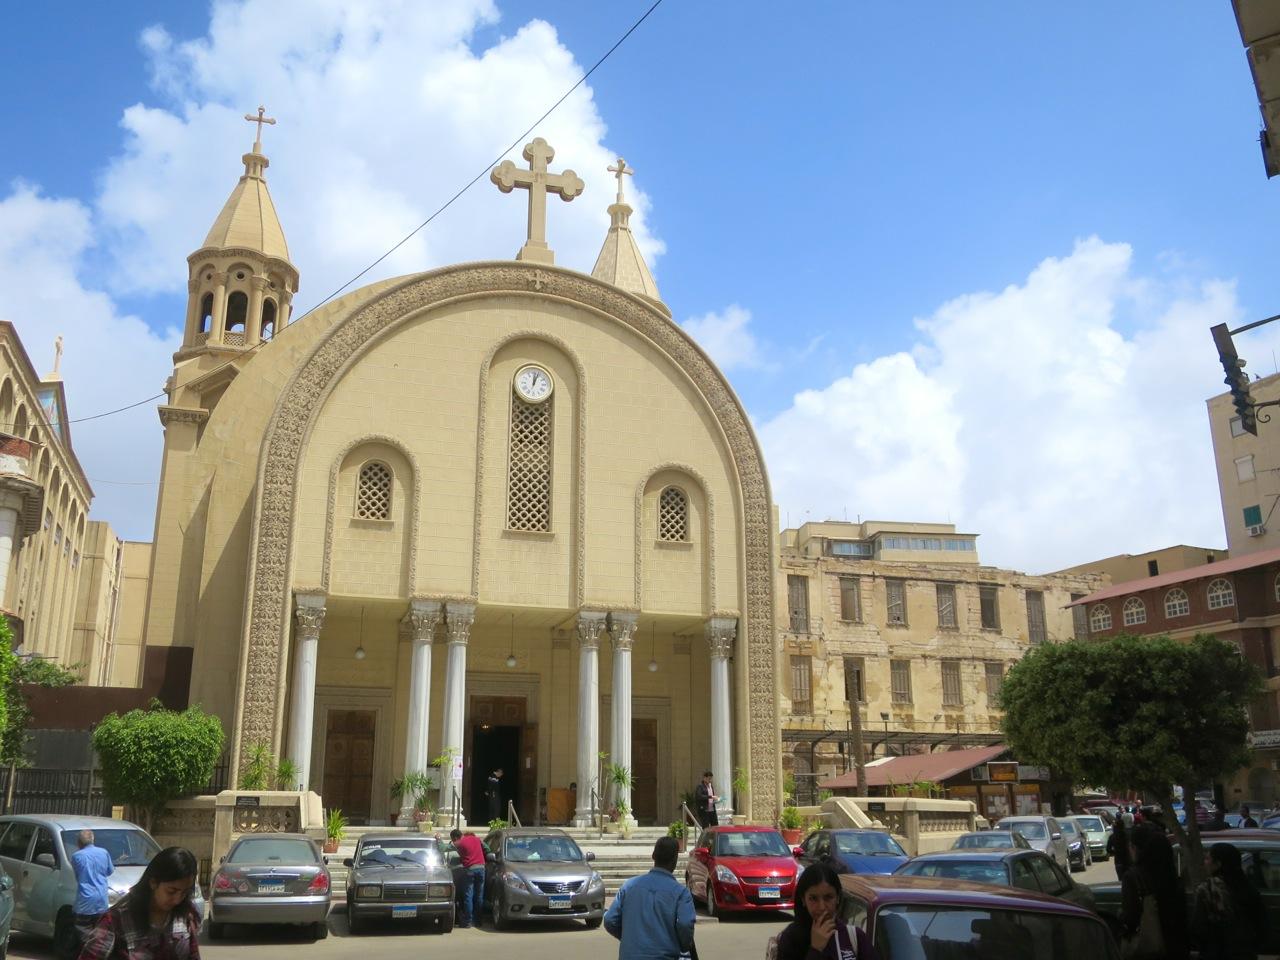 Seis mortos em explosão numa outra igreja copta no Egito